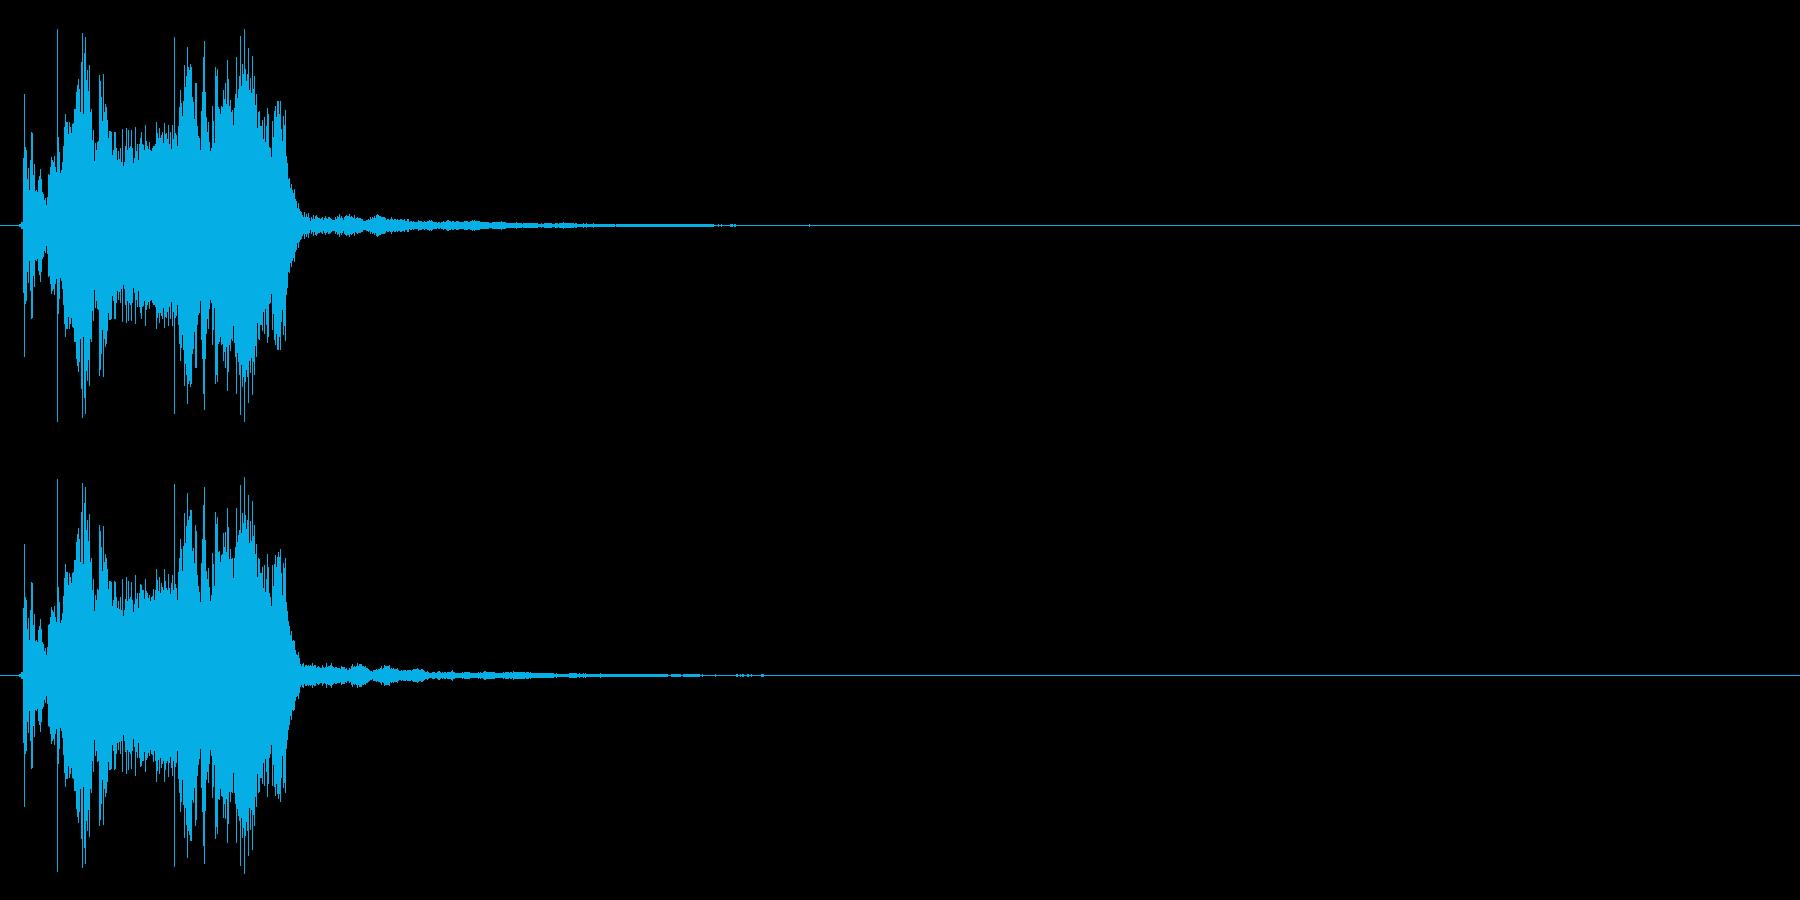 システム系ログオン音の再生済みの波形